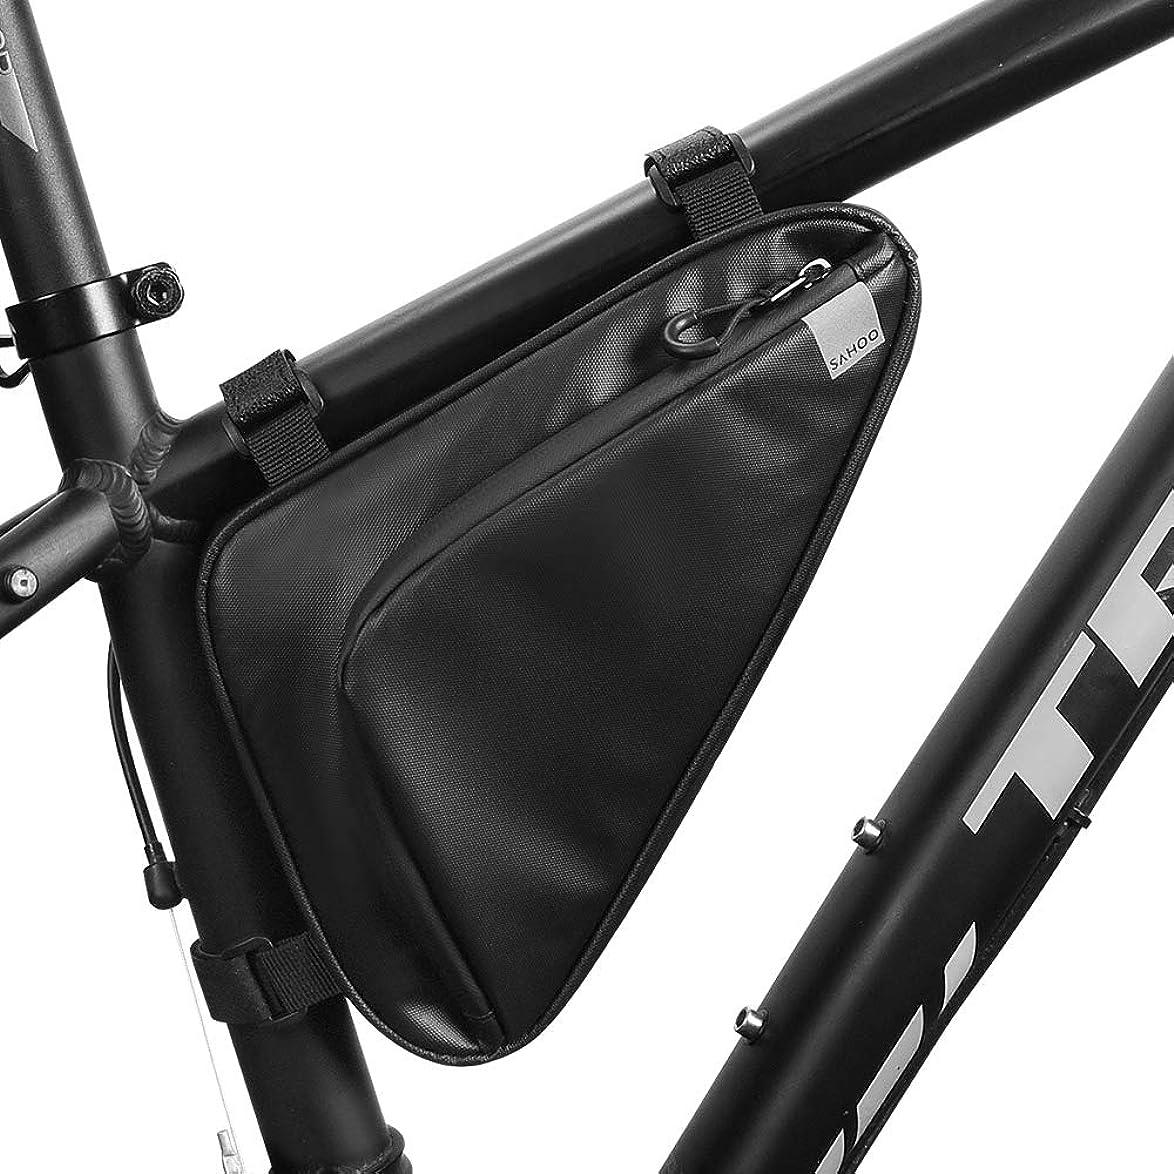 経験的受取人モルヒネRoloiki 防水自転車トライアングルバッグ自転車フレームチューブバッグパックサイクリングツールアクセサリー収納ポーチバッグ